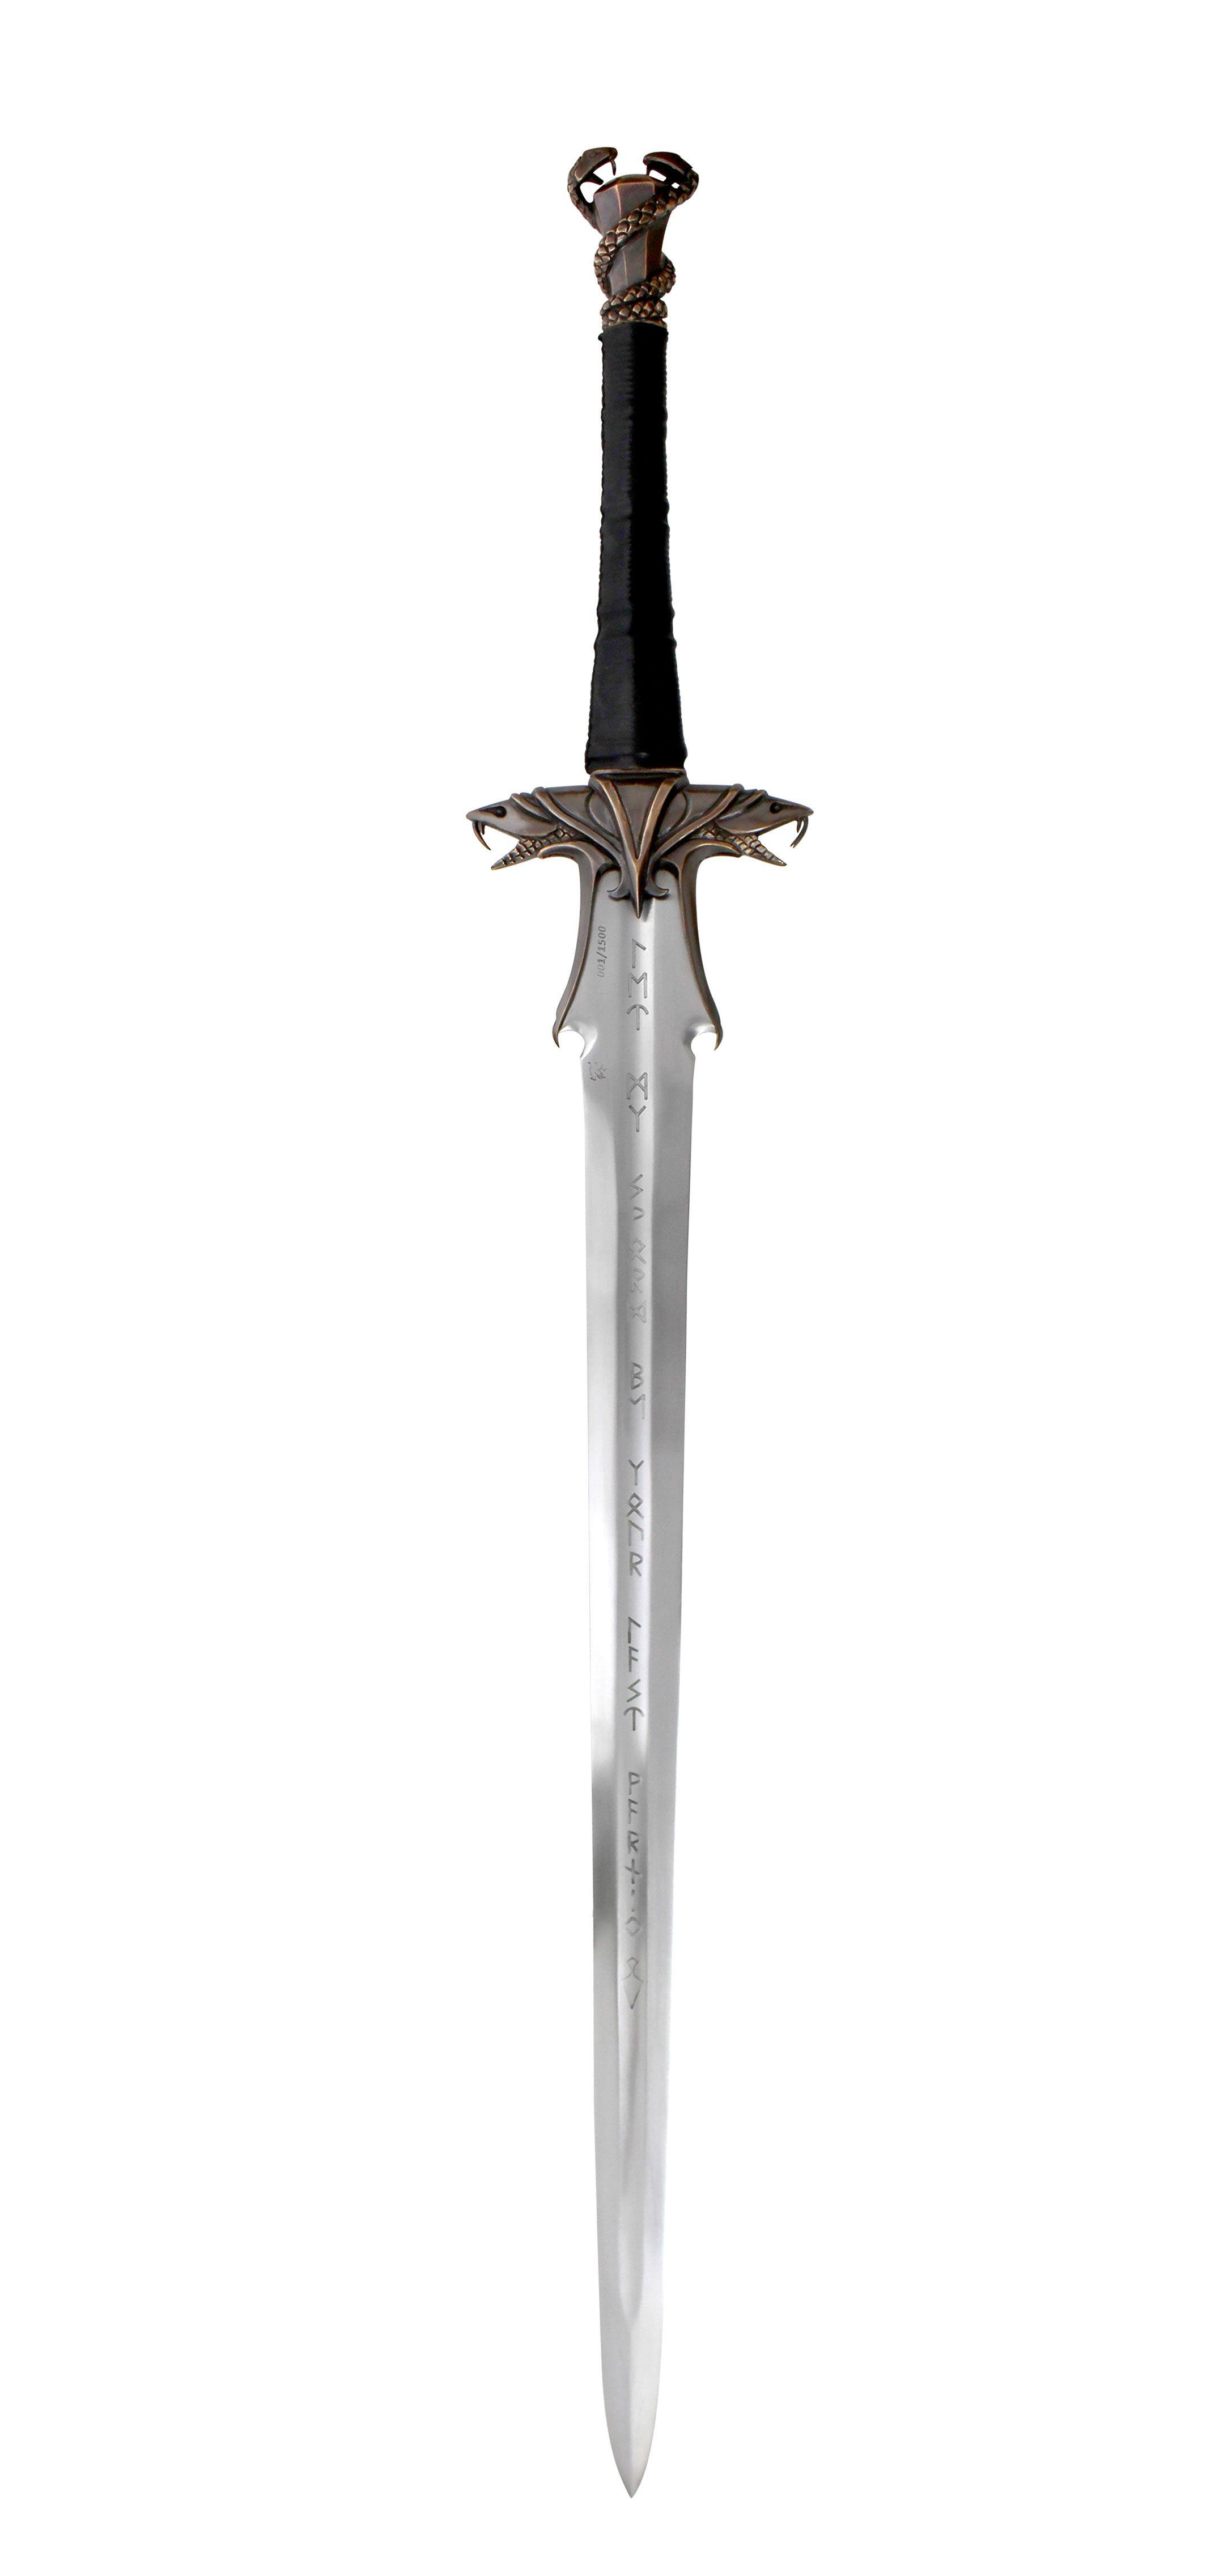 The Warmonger Barbarian Sword